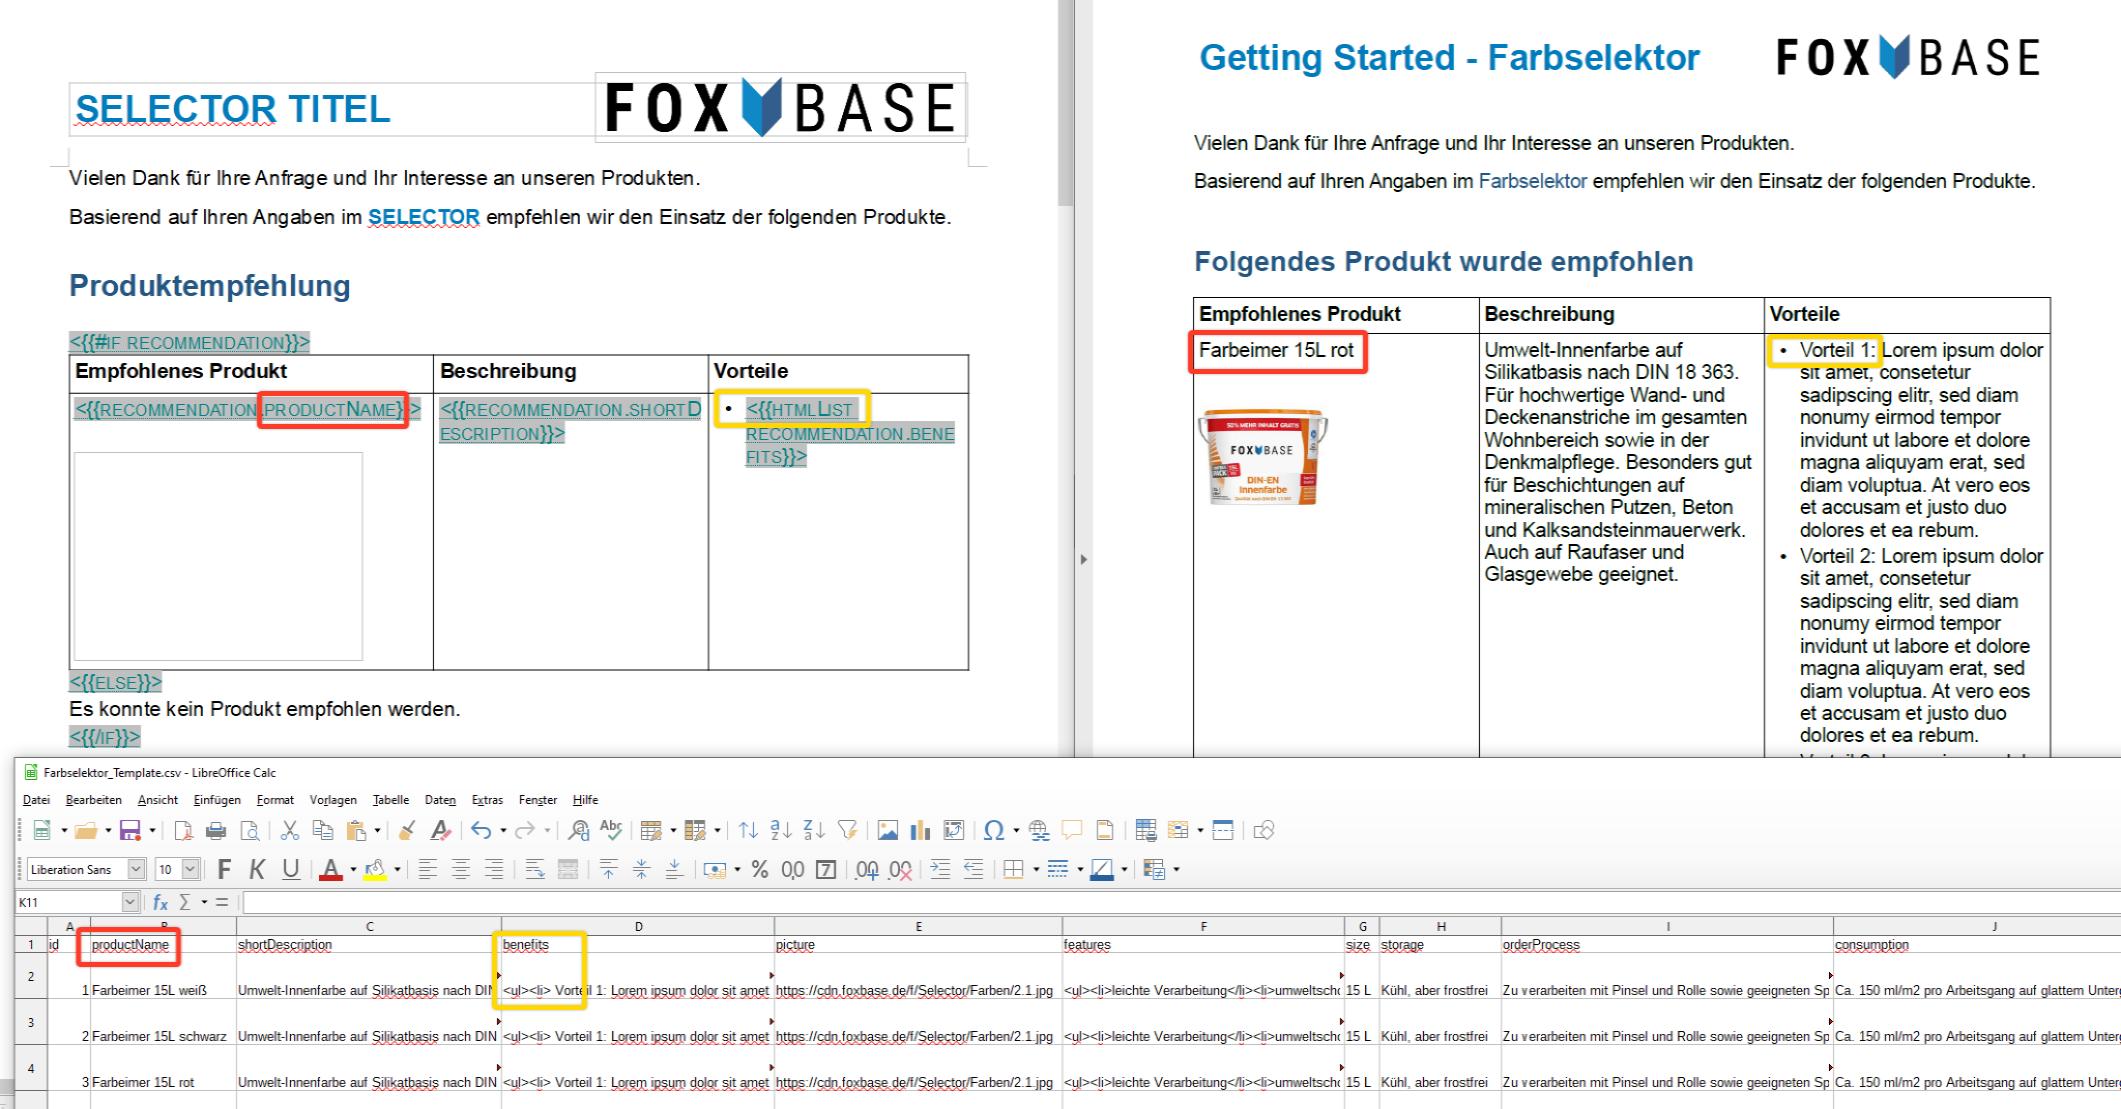 Beispiel des PDF-Templates